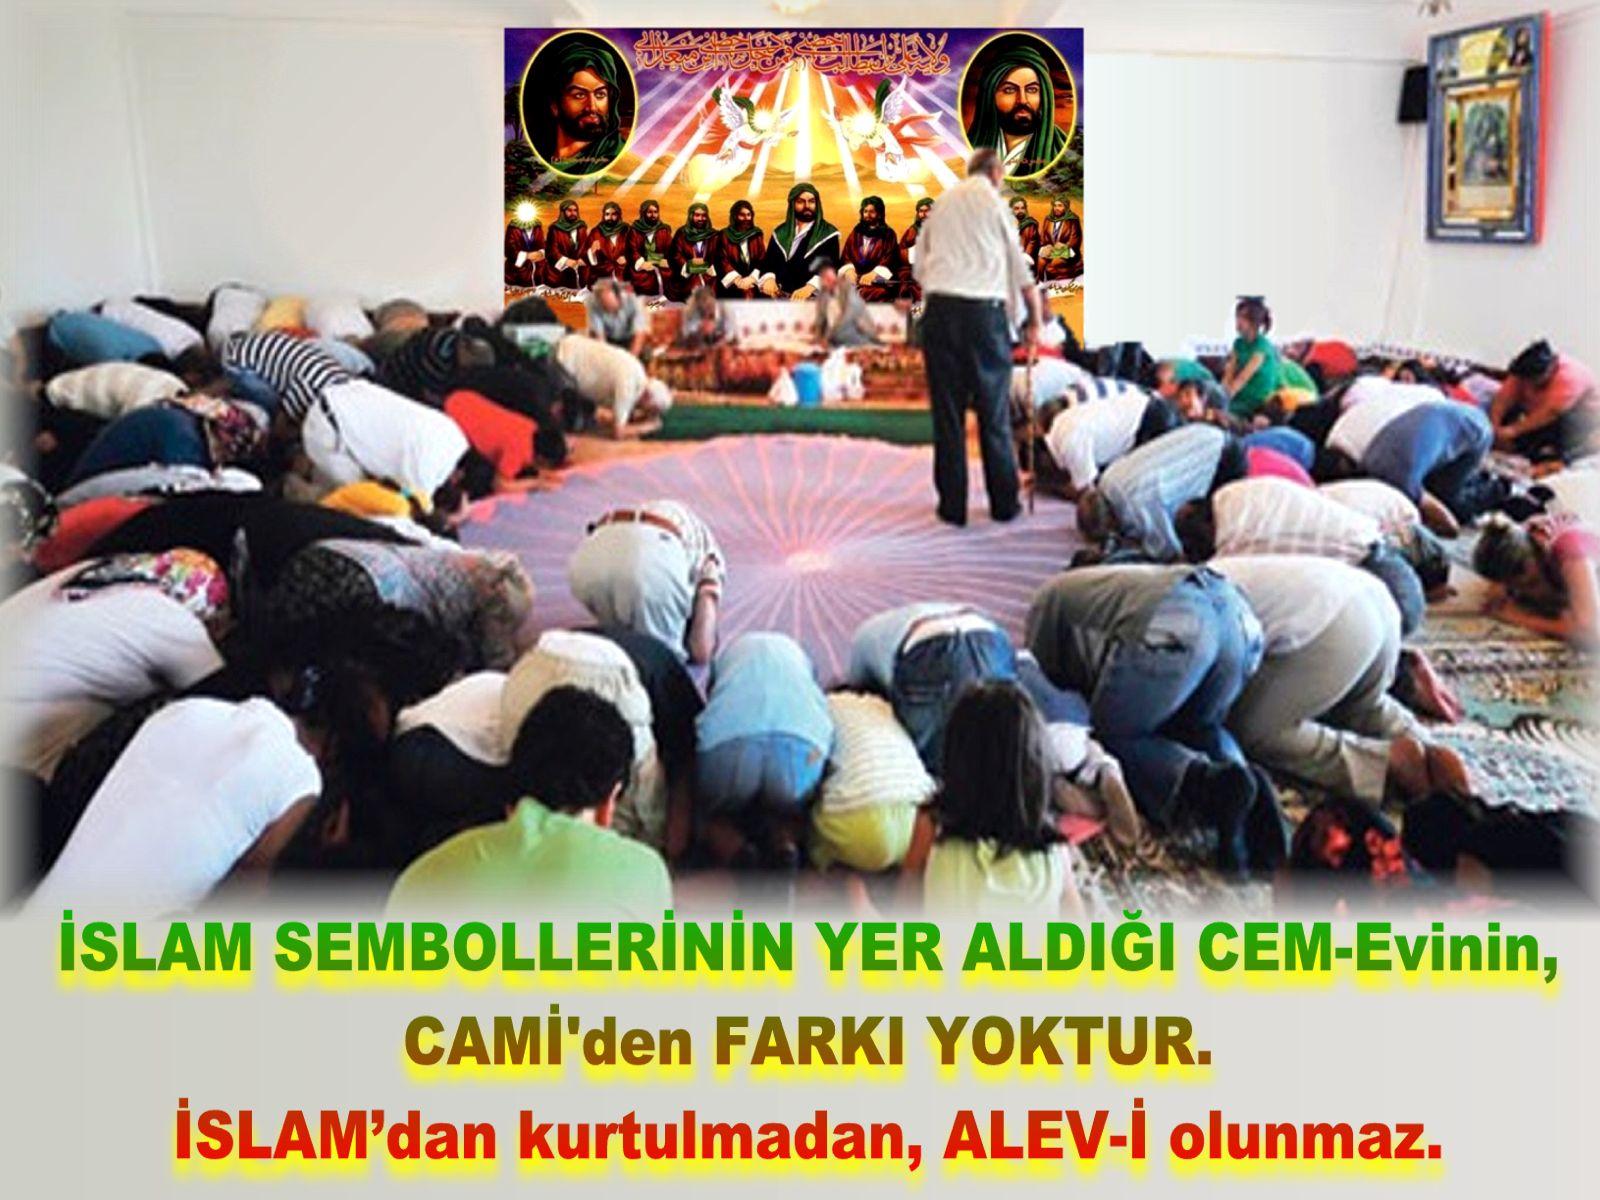 1 Hz imam Ali divani Alevi bektasi kizilbas pir sultan devrimci aleviler birligi DAB Feramuz Sah Acar cami cemevi namaz fark yok 2